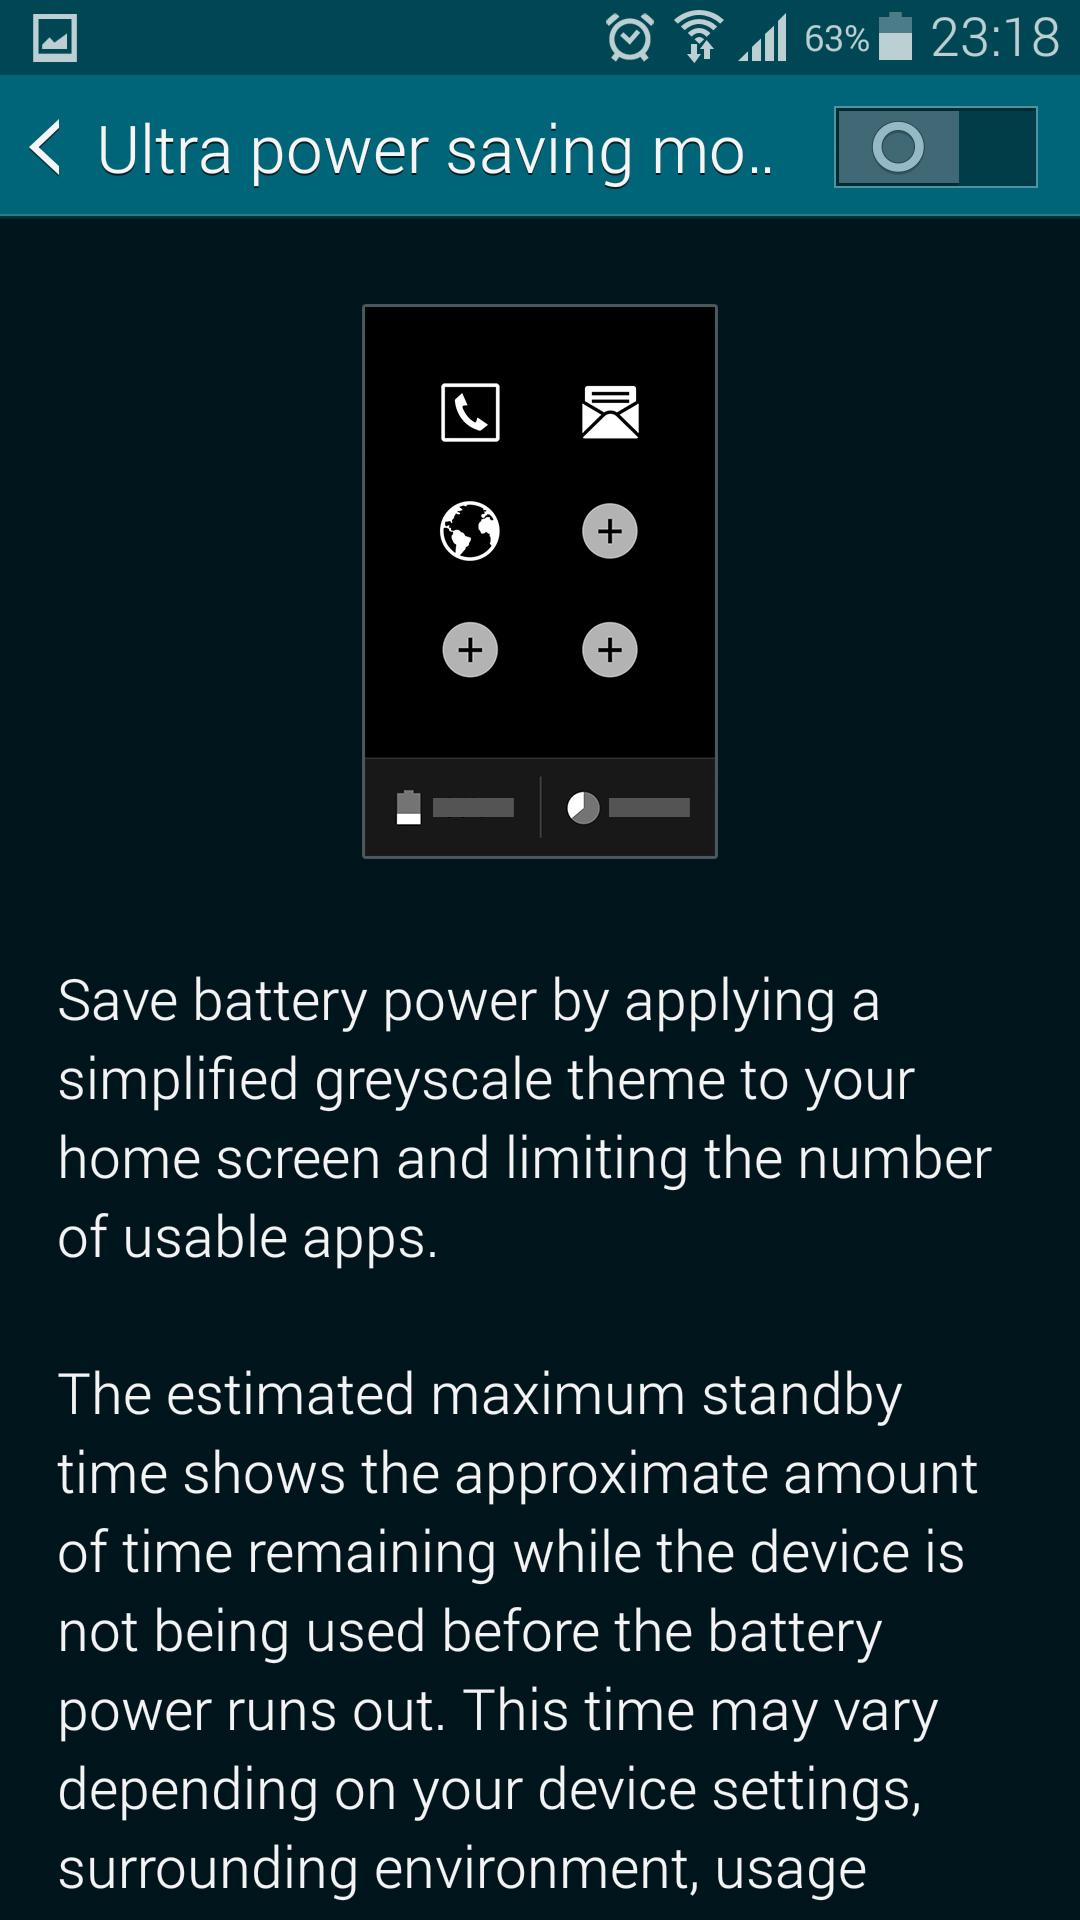 Glaxy-S5-energia